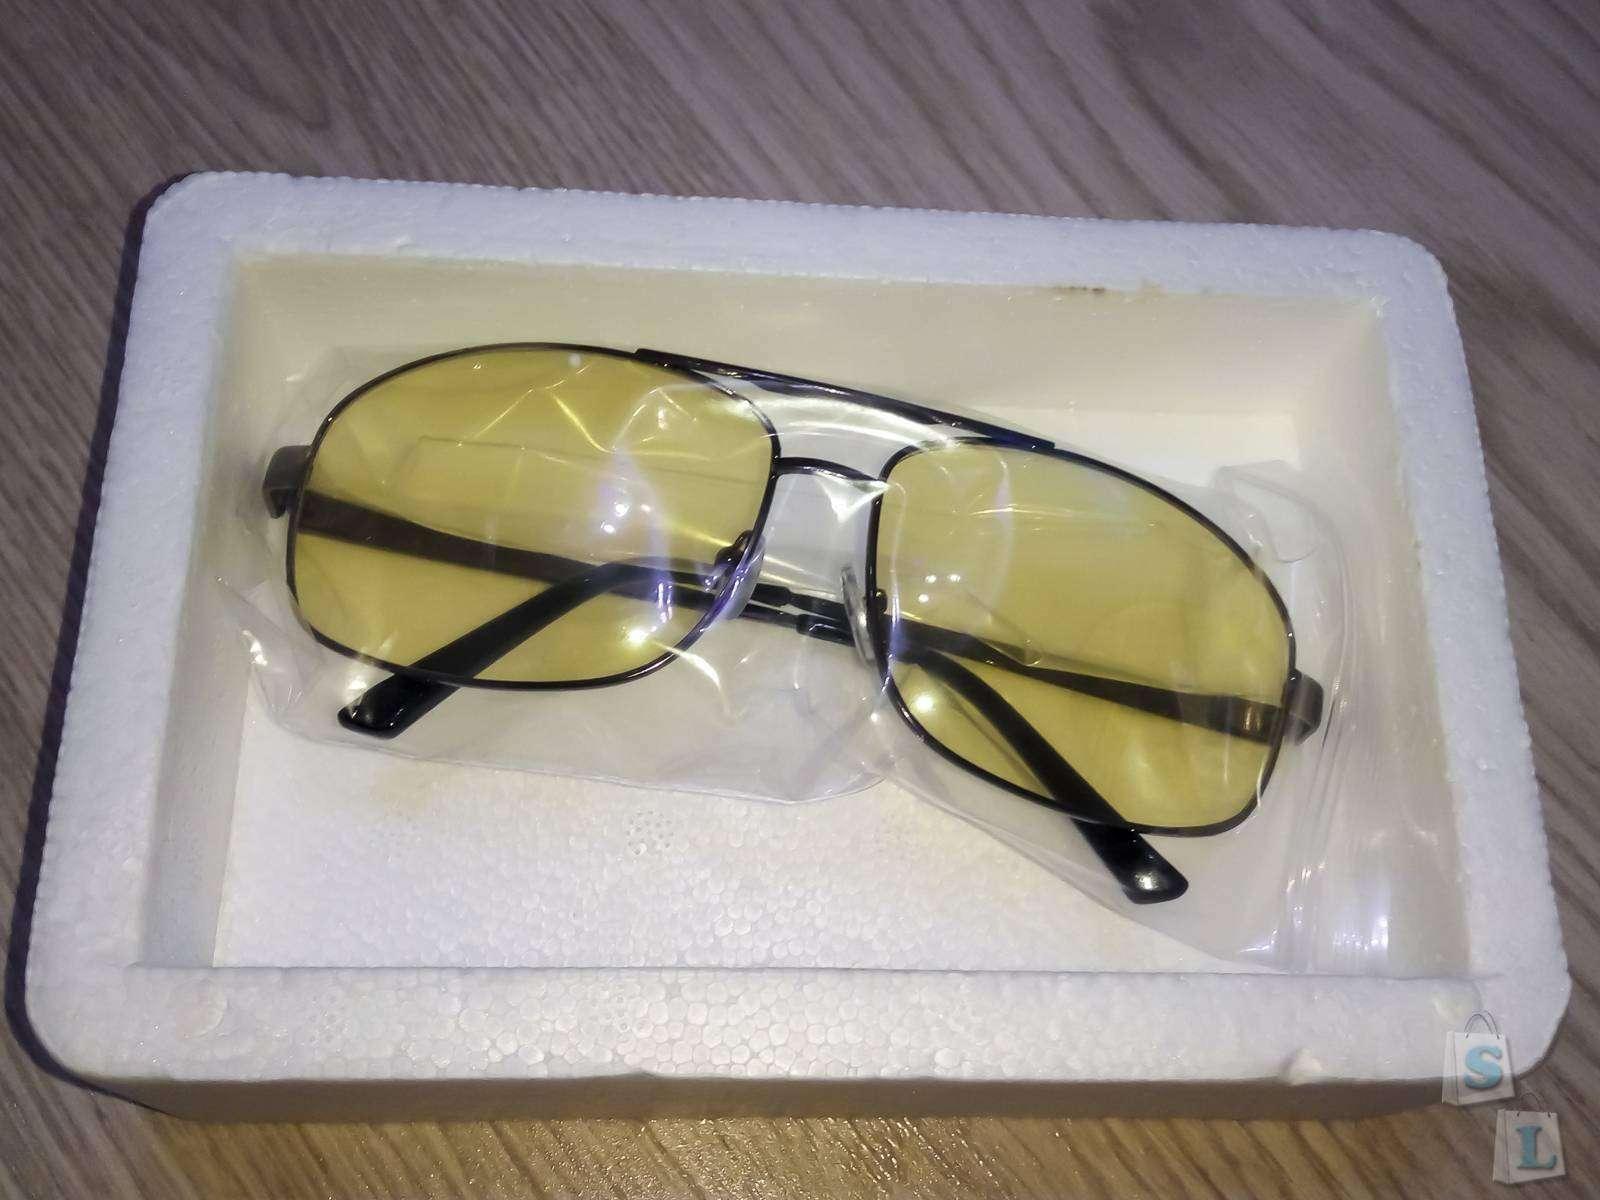 Aliexpress: Желтые очки для вождения